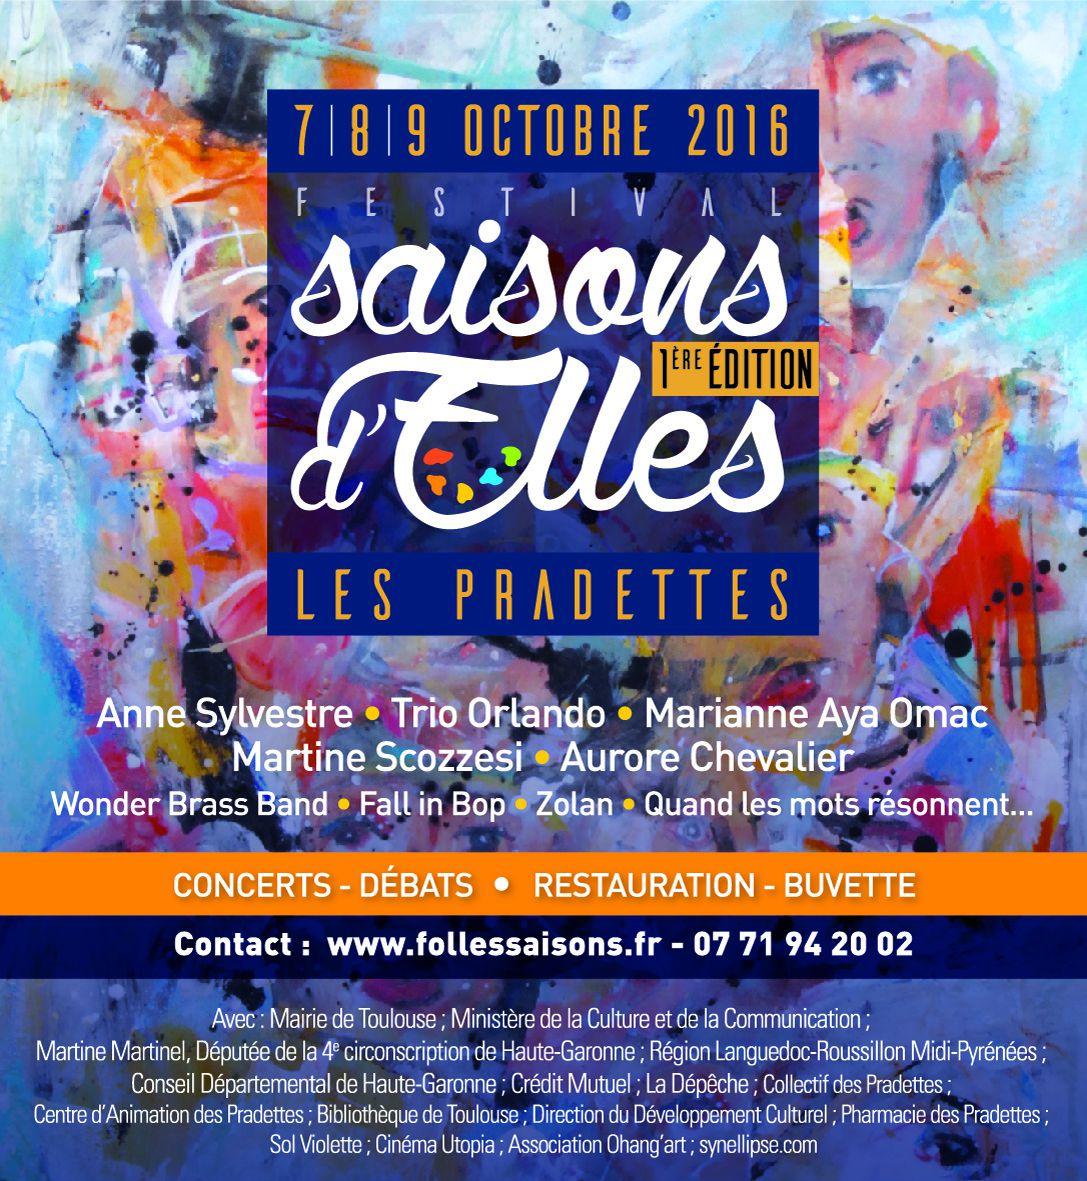 7, 8, 9 OCTOBRE 2016 FESTIVAL SAISONS D'ELLES... les Horaires de la navette gratuite